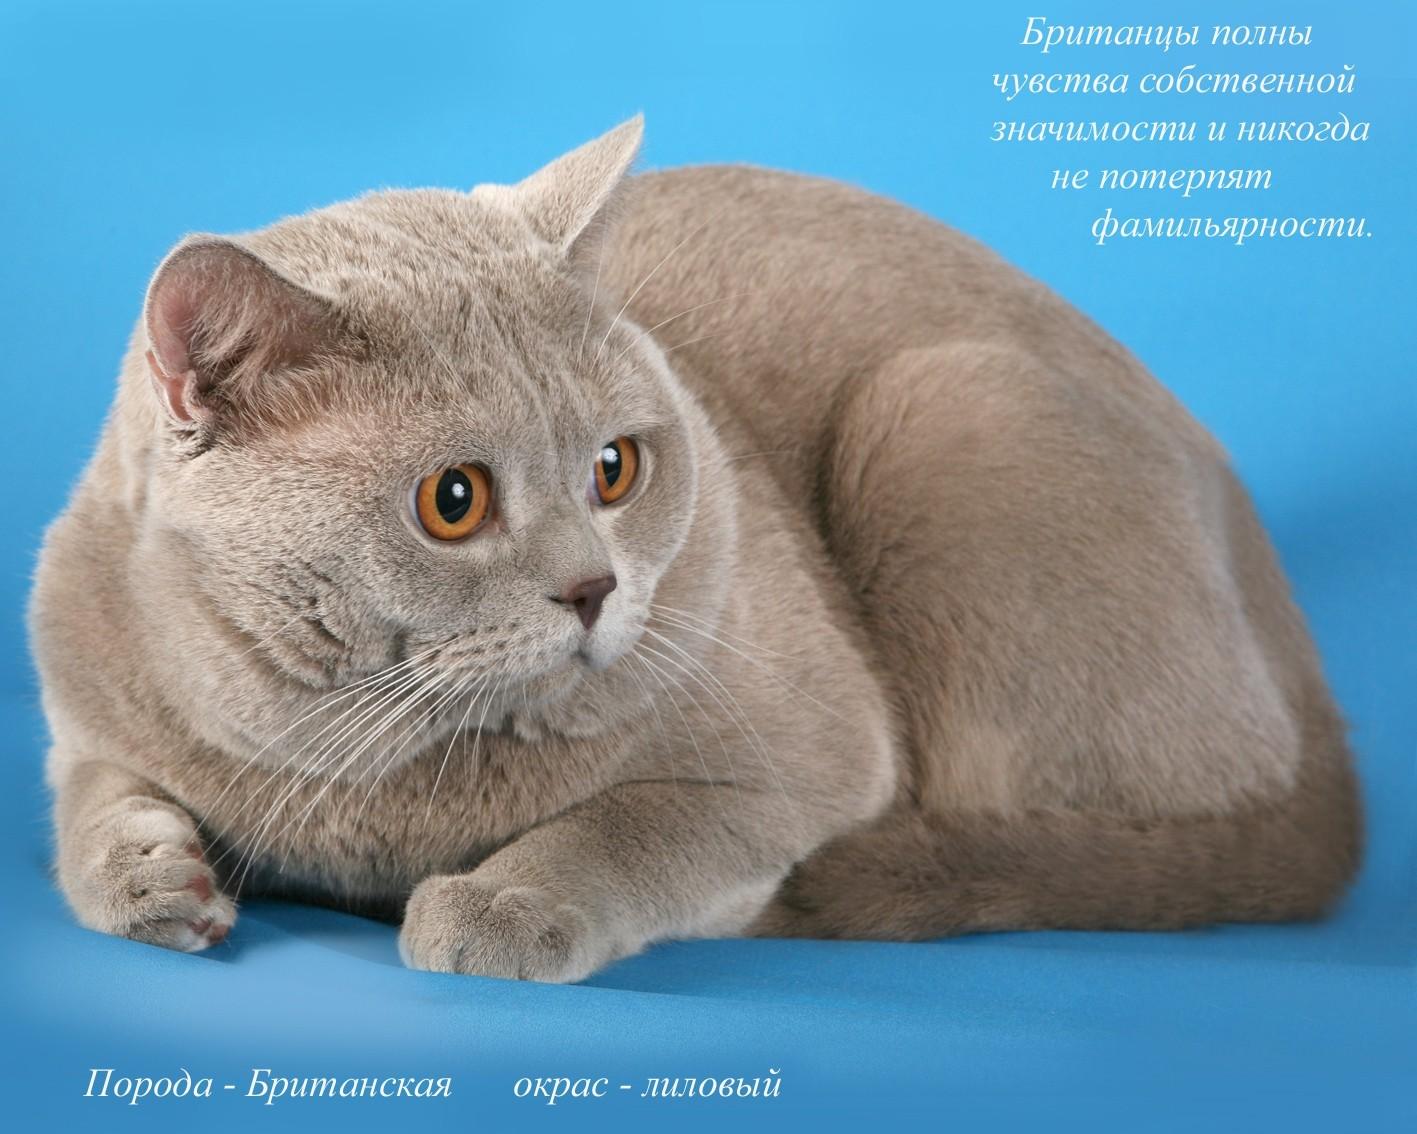 Названия пород кошек и картинки